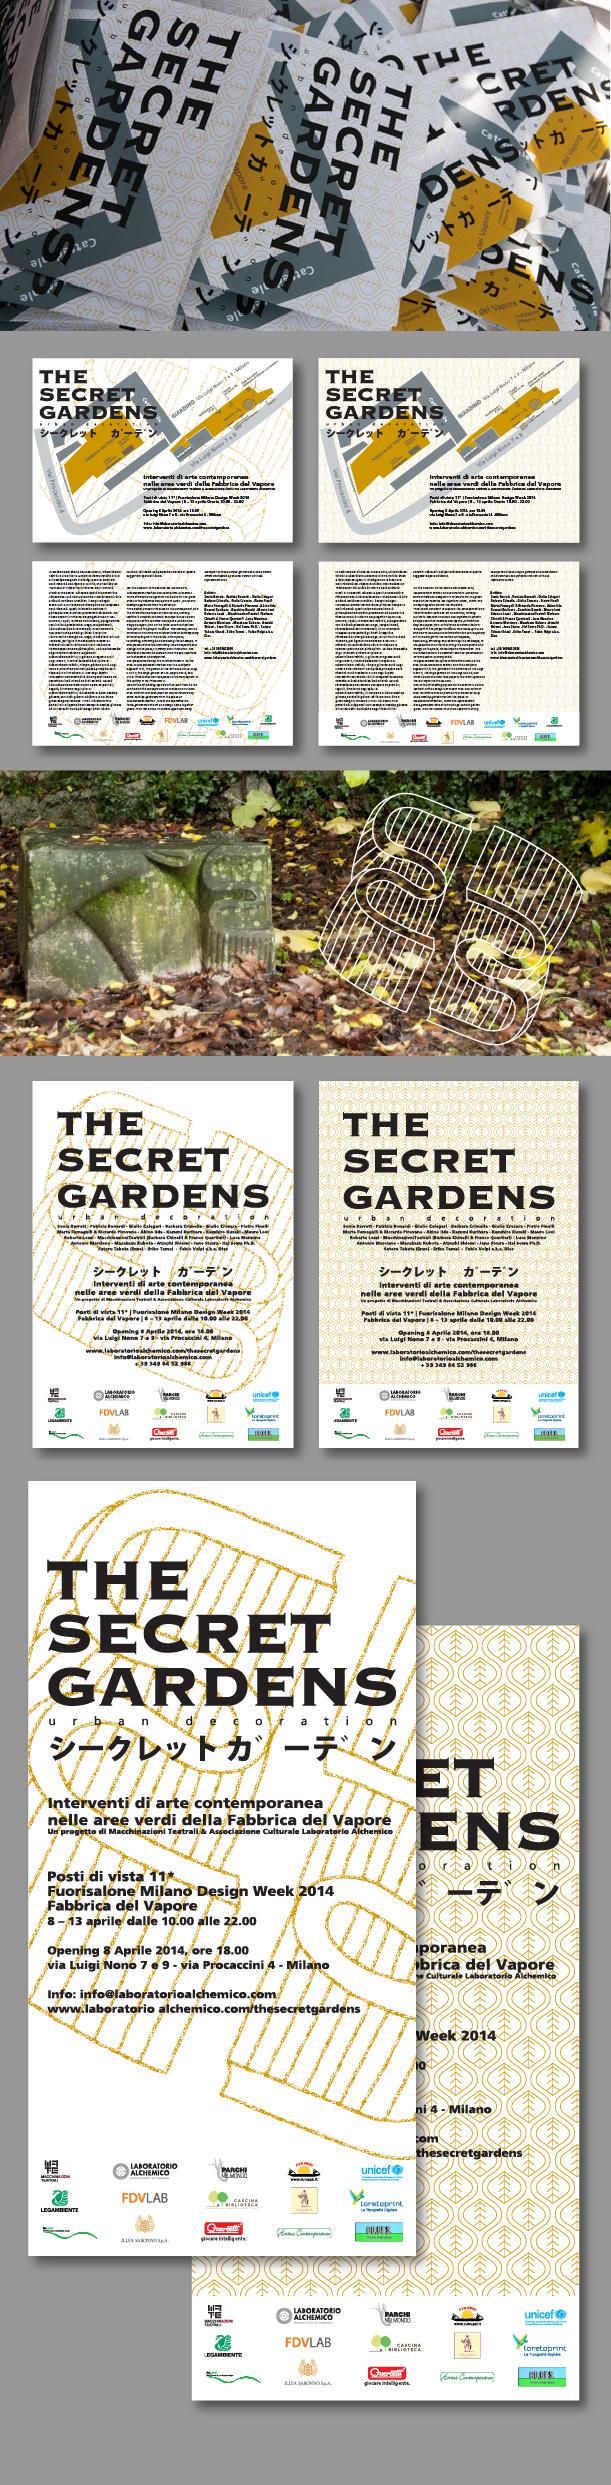 the Secret Gardens-sara-massah-iranian graphic designer